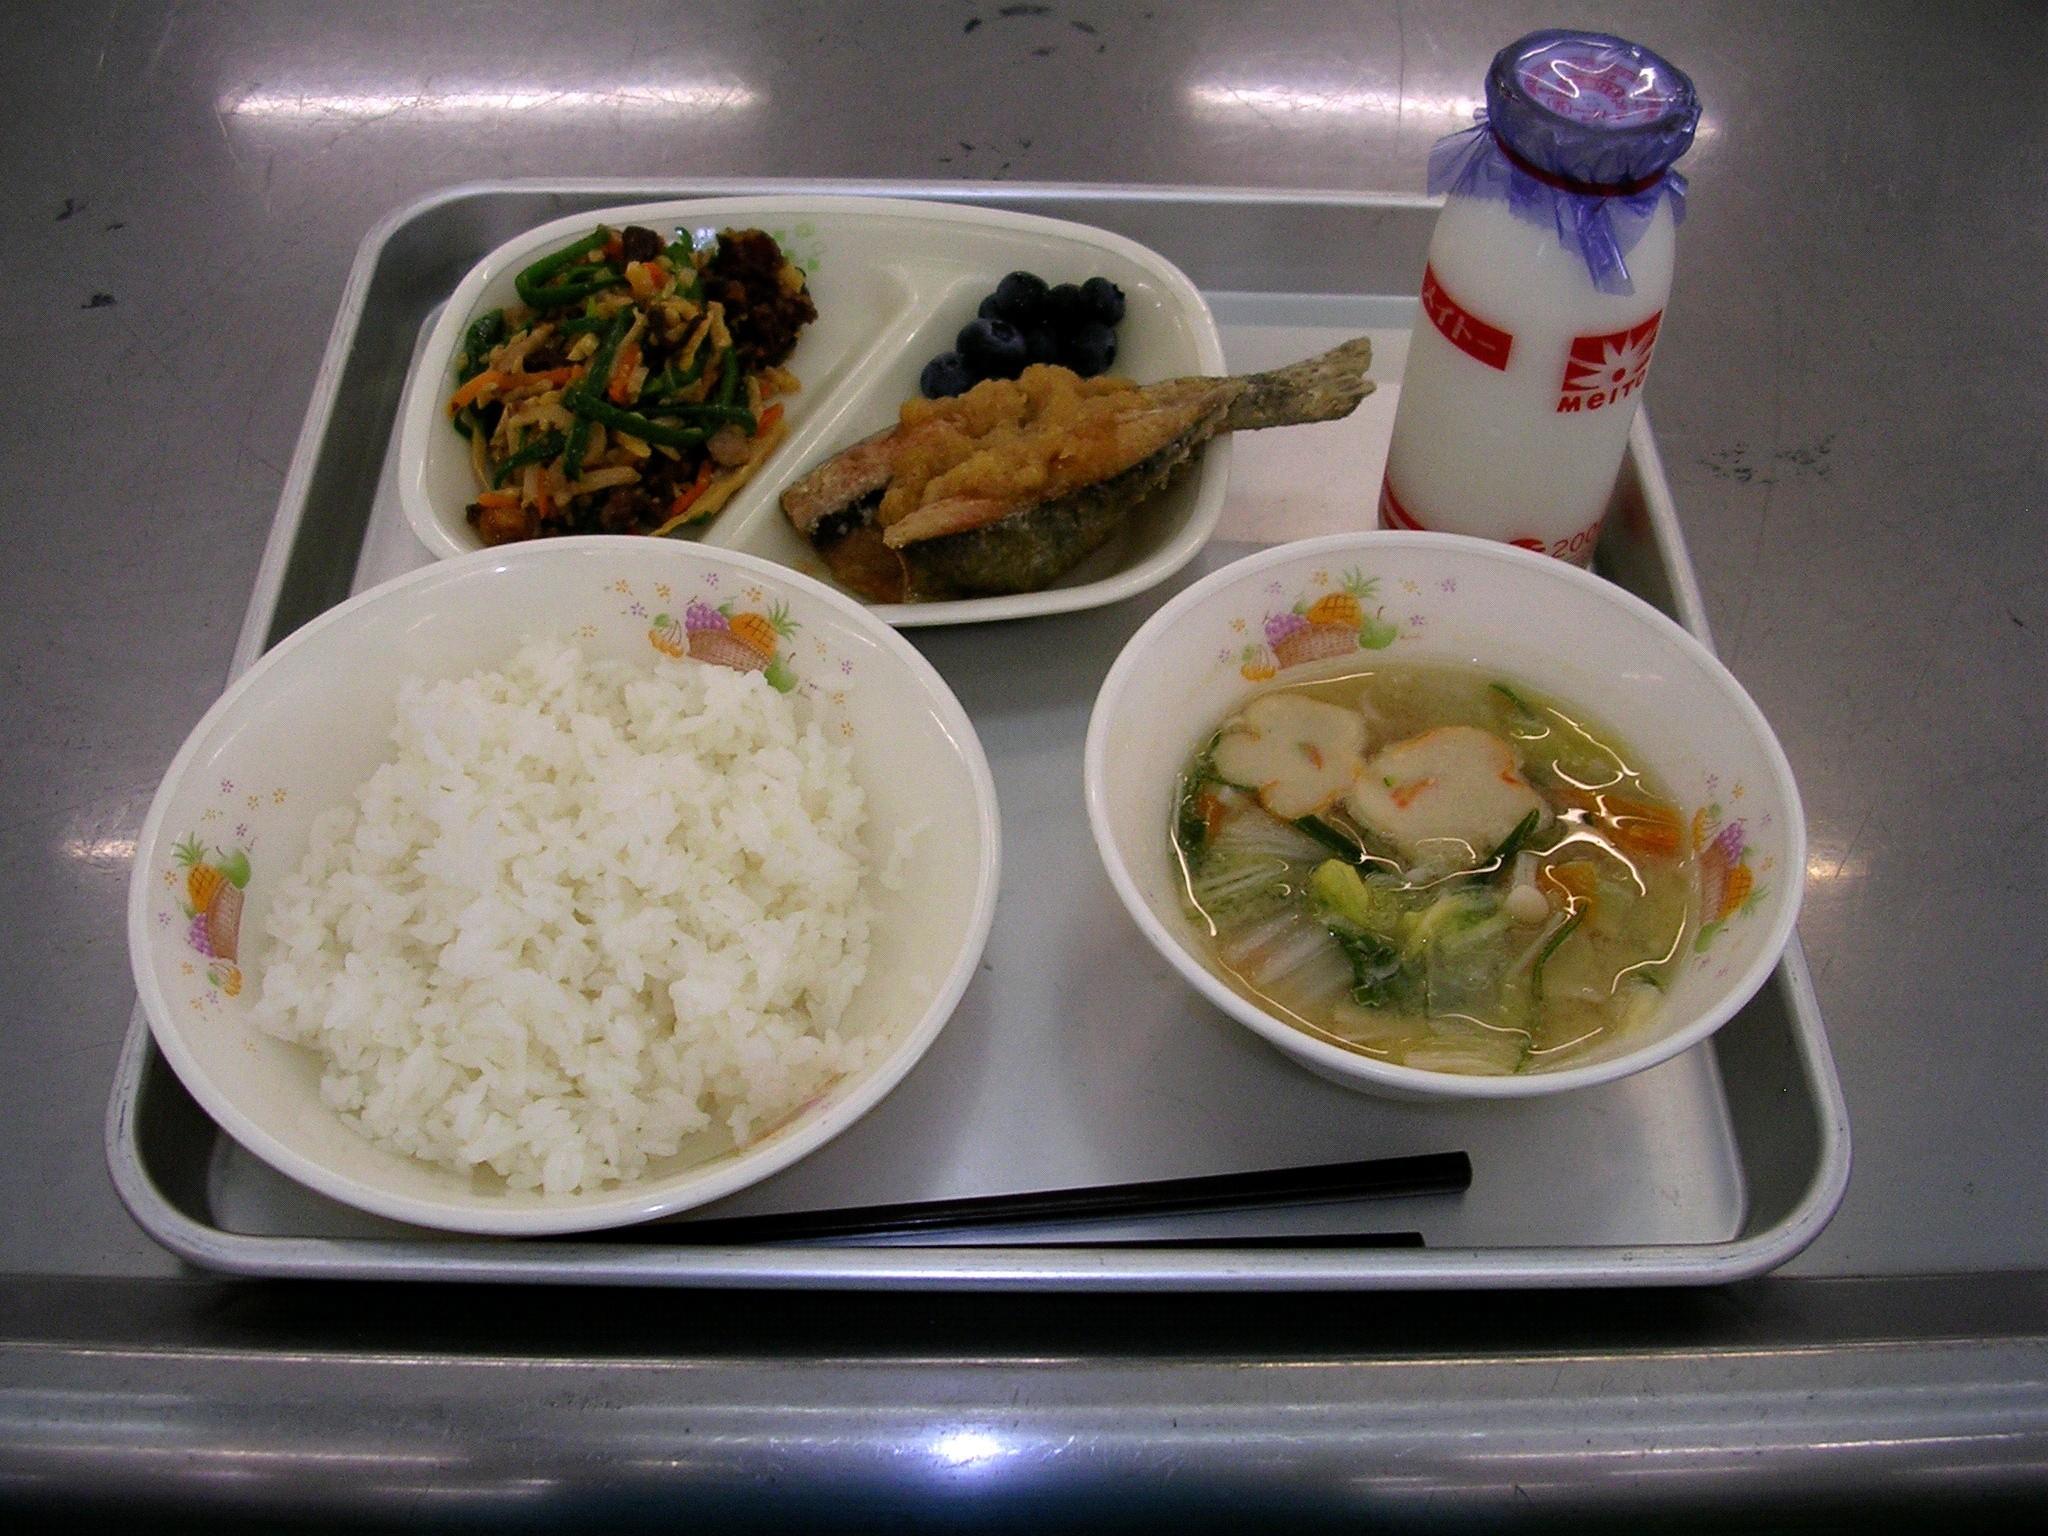 【言語交流会】日台、給食について   【語言交流會】關於日台的營養午餐